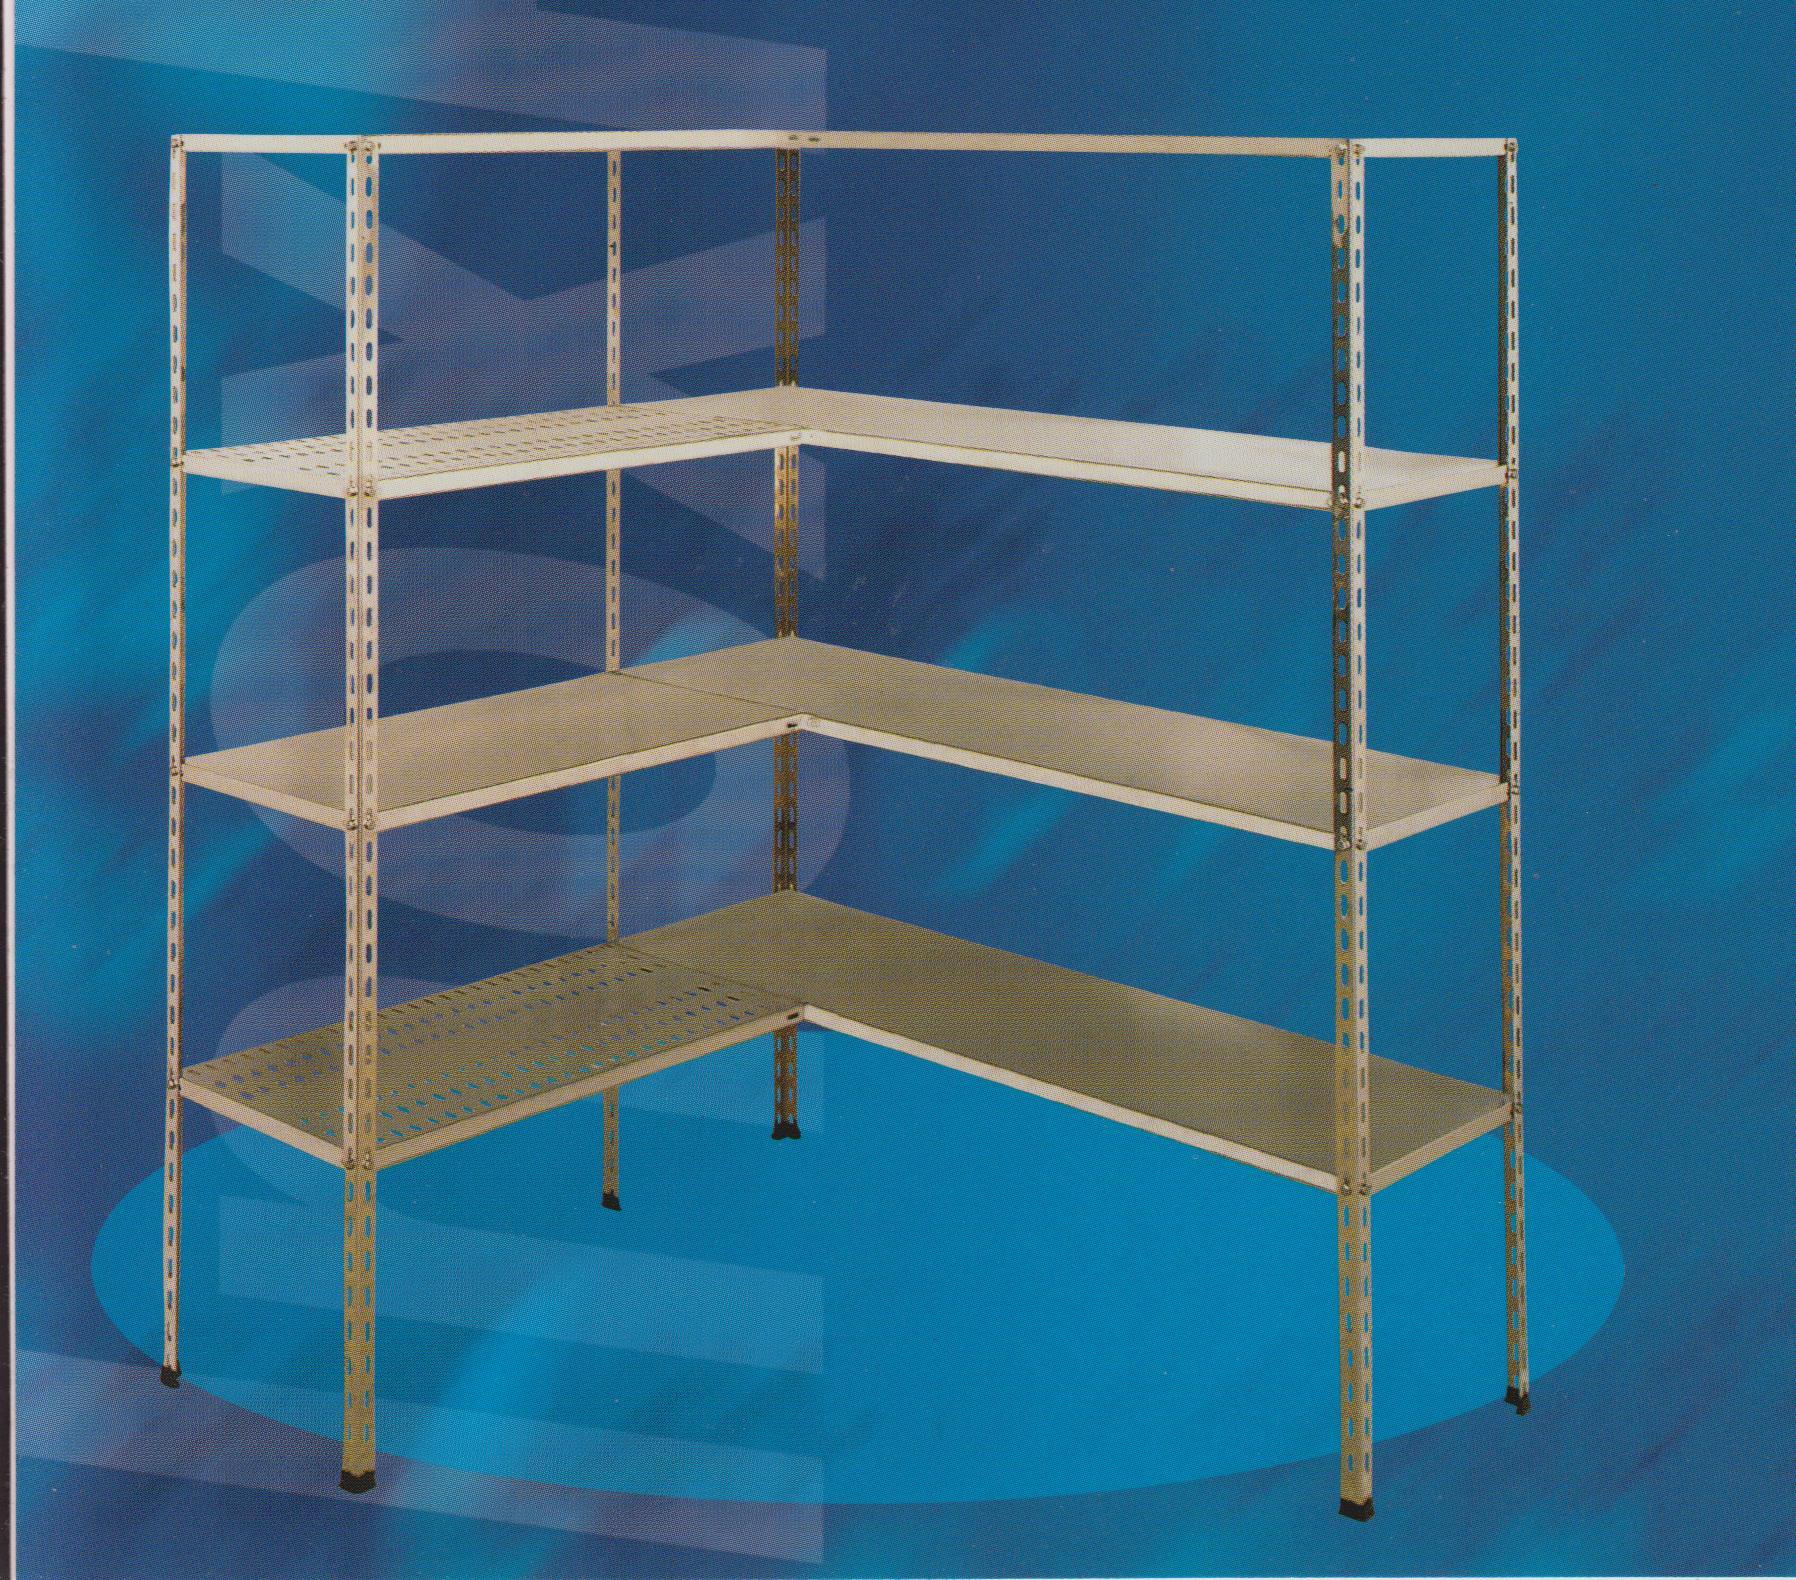 scaffalature metalliche in acciaio inox aisi 304